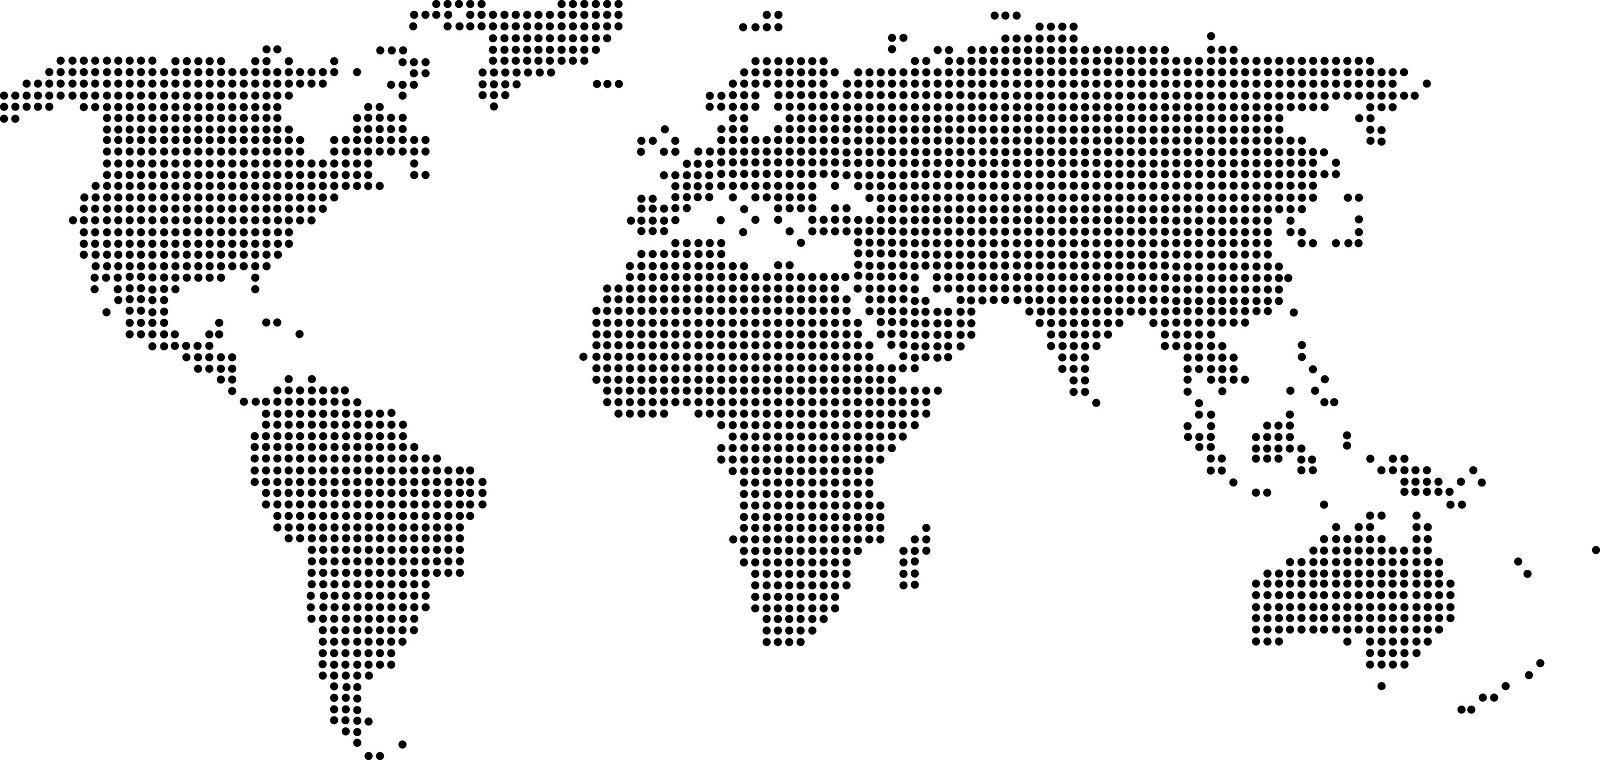 mapa mundi preto e branco Imagens do mapa Mundi em preto e Branco – Dinâmico Planejamentos mapa mundi preto e branco